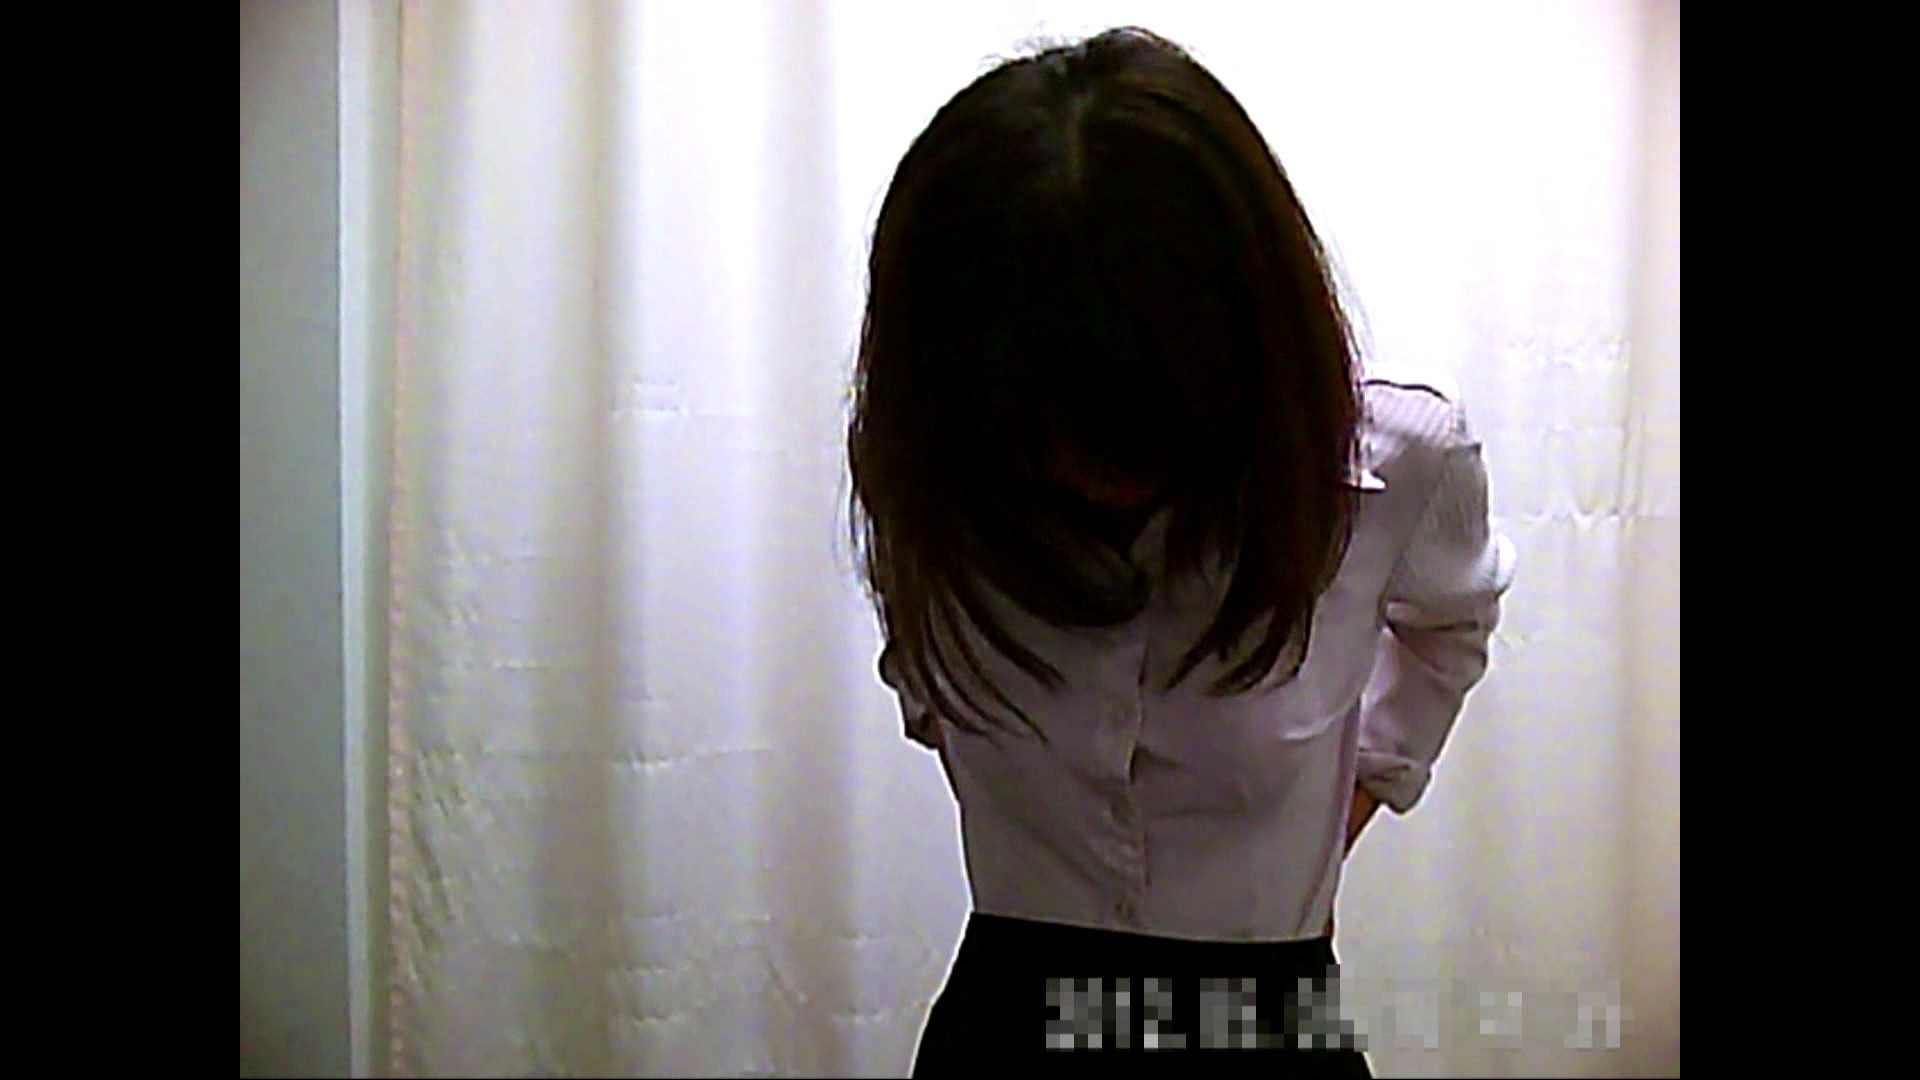 元医者による反抗 更衣室地獄絵巻 vol.267 OLハメ撮り  81Pix 32